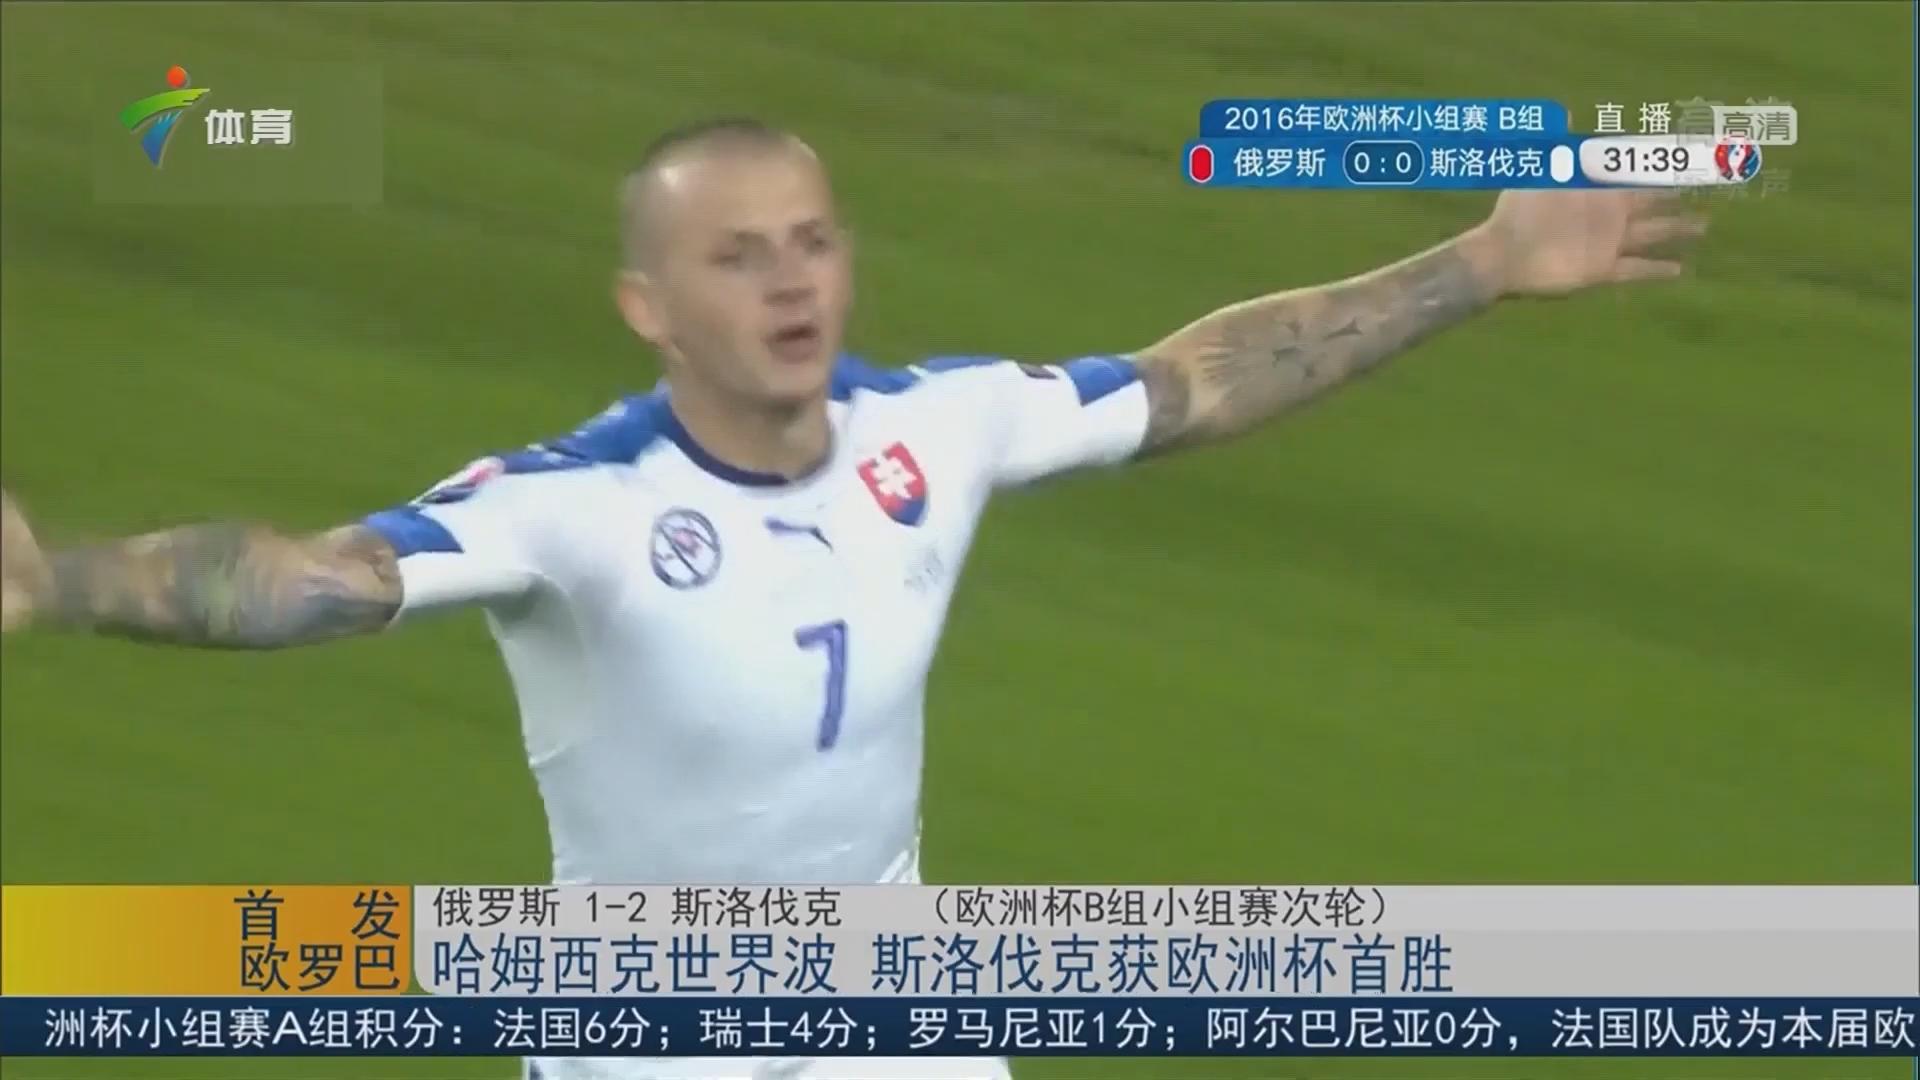 哈姆西克世界波 斯洛伐克获欧洲杯首胜